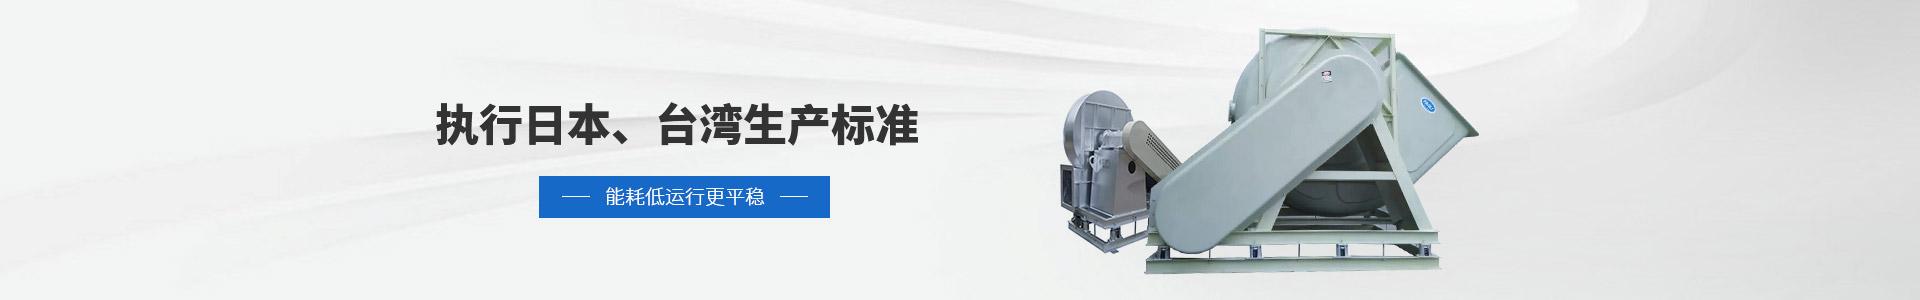 磐力风机:执行日本、台湾生产标准